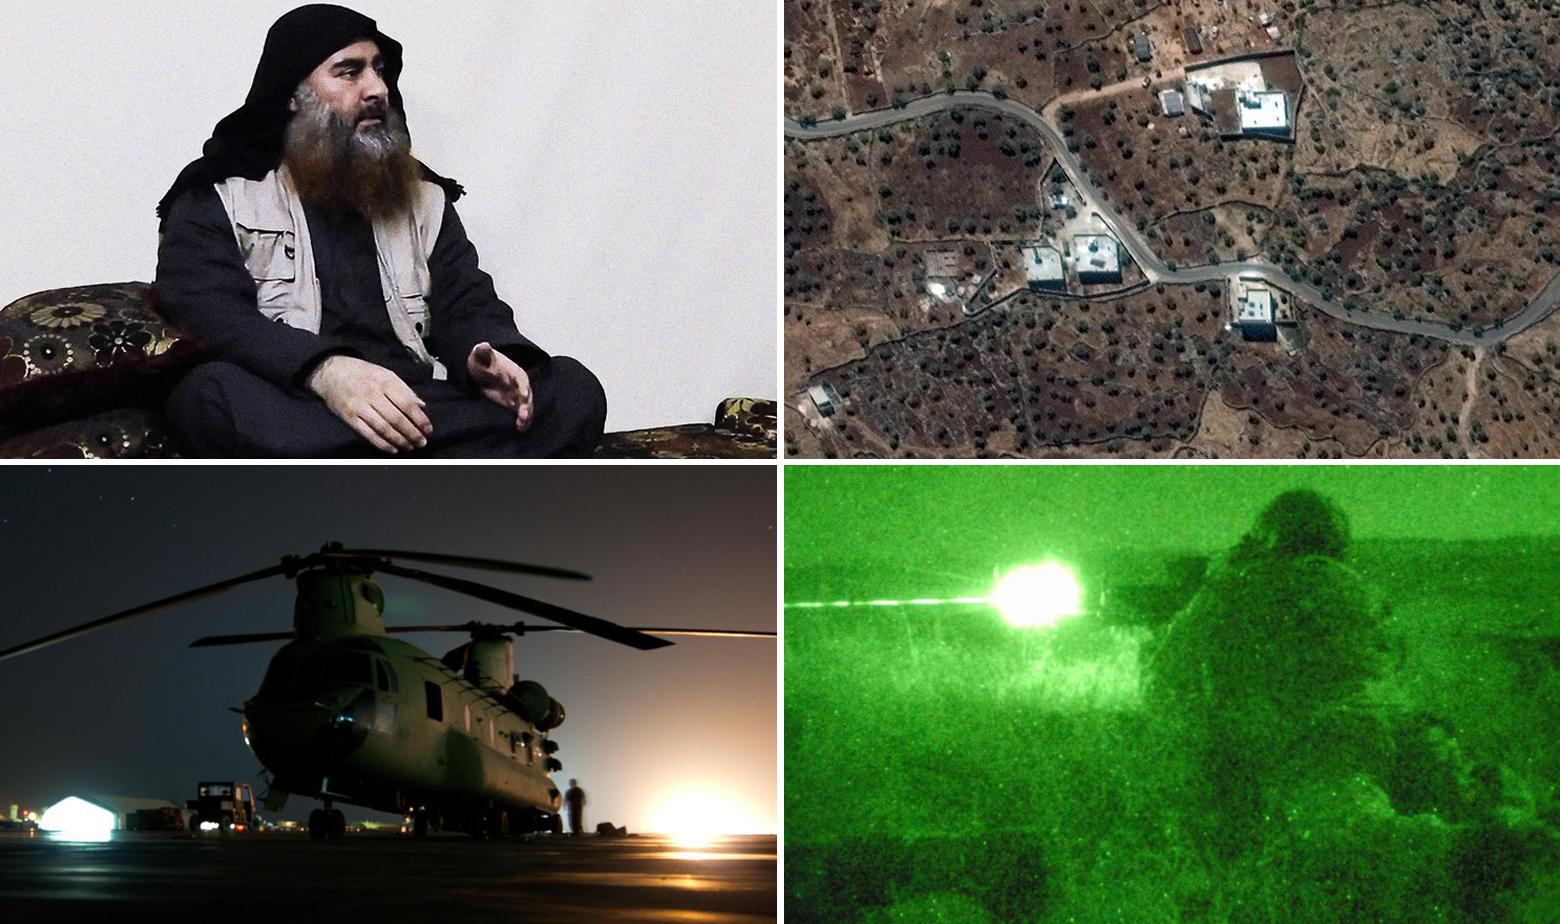 Abu Bakr Al-Bagdadi, kompleks u kojem se skrivao i ilustracije američkog helikoptera Chinook i pripadnika Delta postrojbi